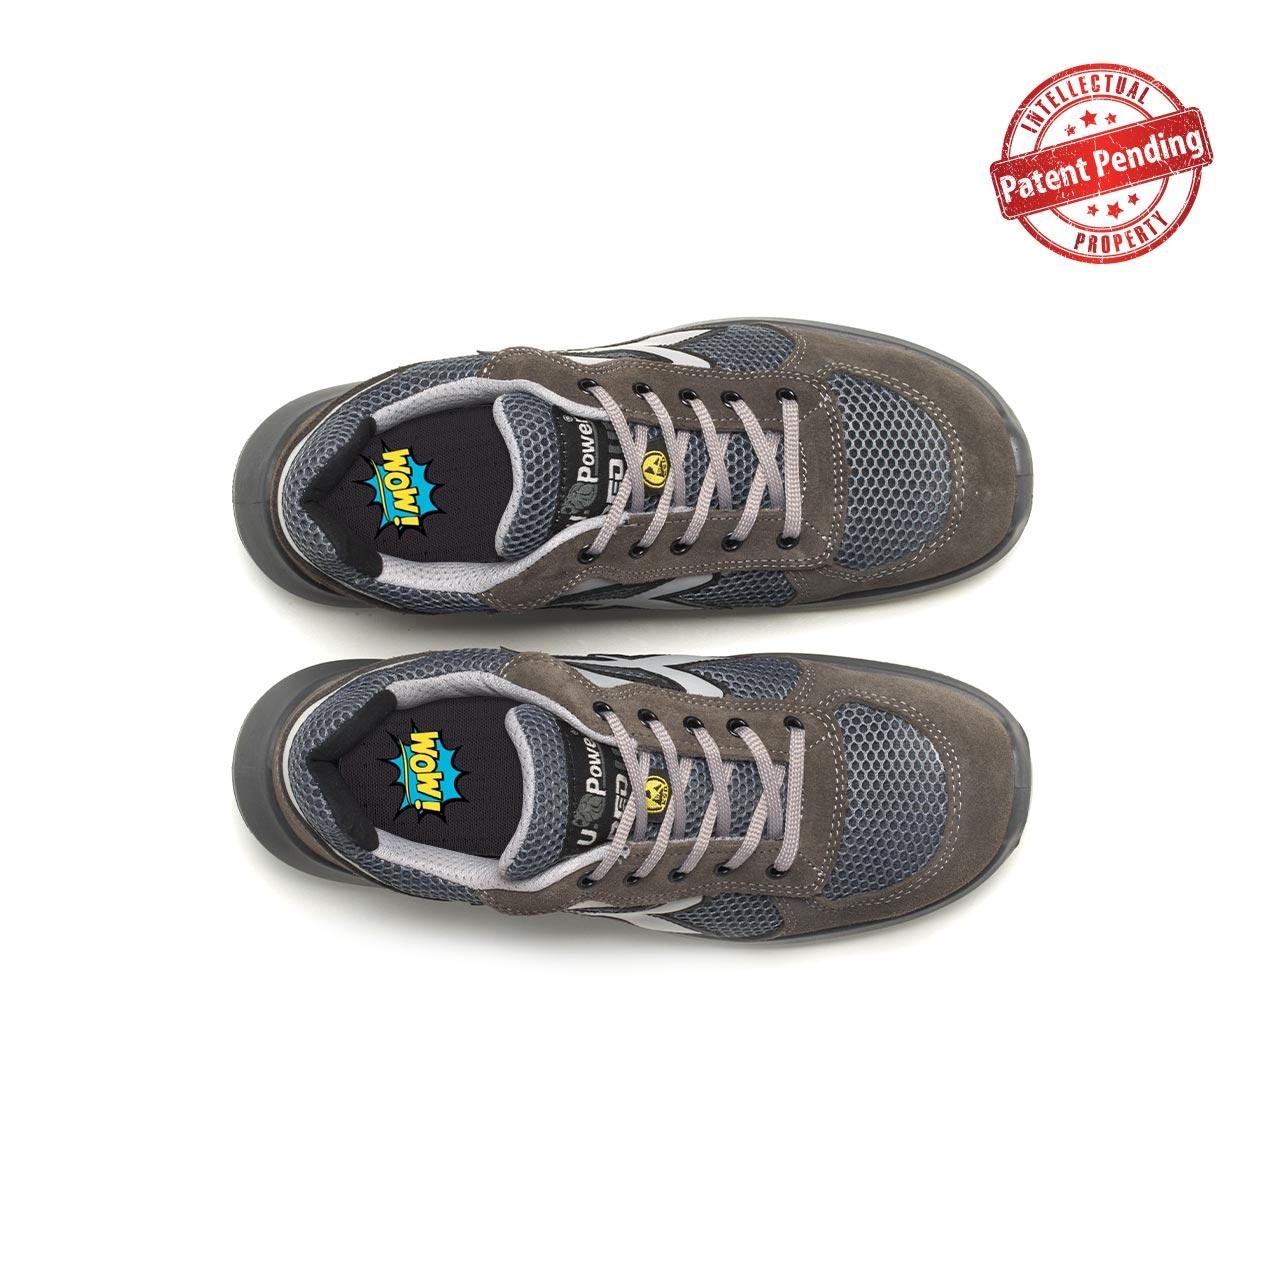 paio di scarpe antinfortunistiche upower modello draco linea redup vista top